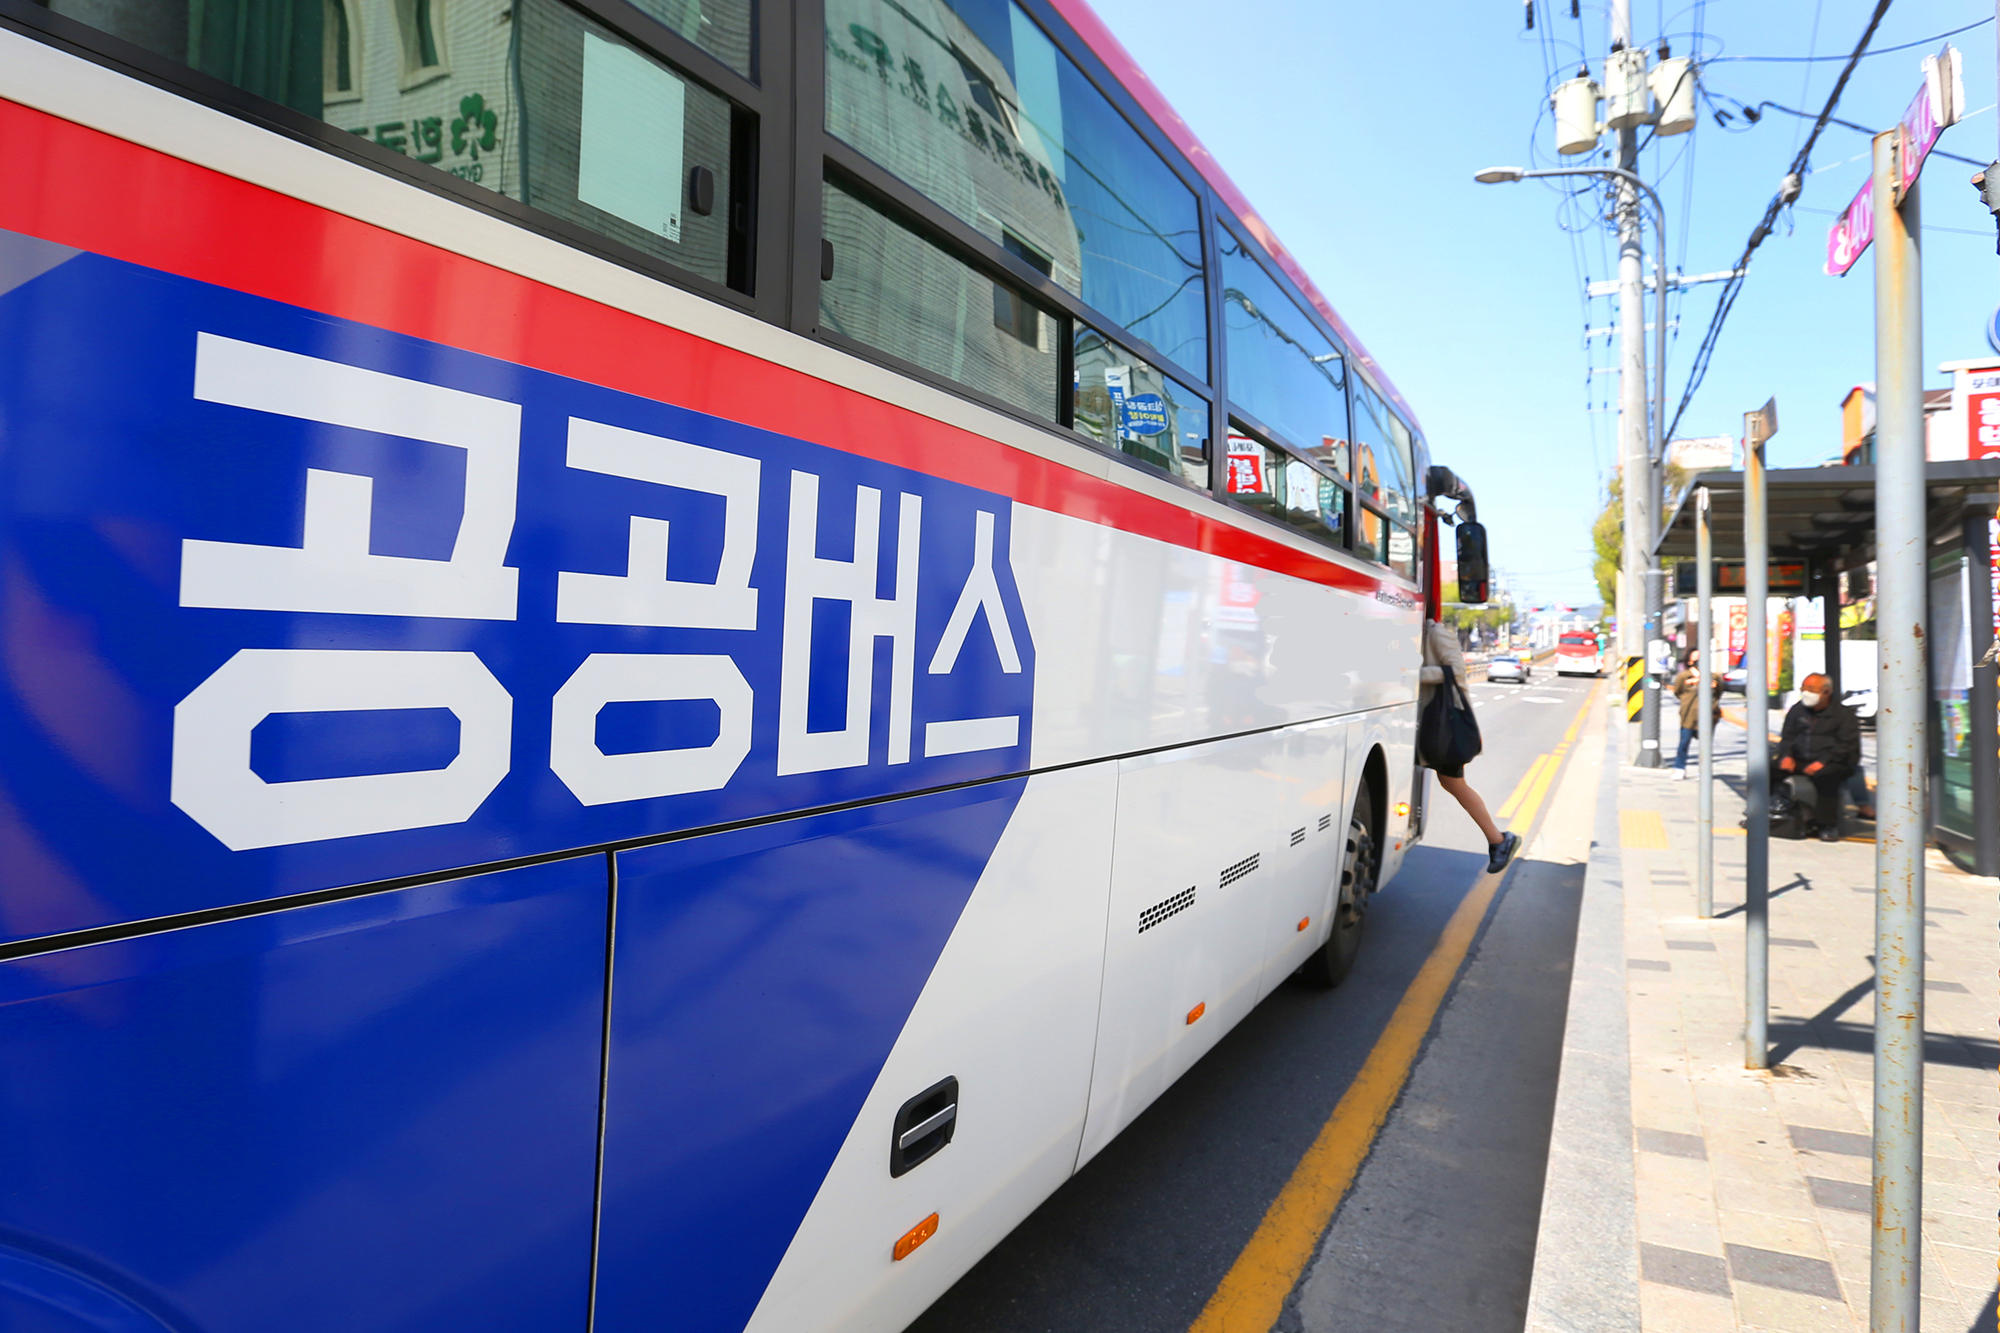 경기도는 오는 9월 1일부터 민영제로 운영되던 경기도 12개 광역버스 노선 110대를 '경기도 공공버스'로 전환해 운행한다.